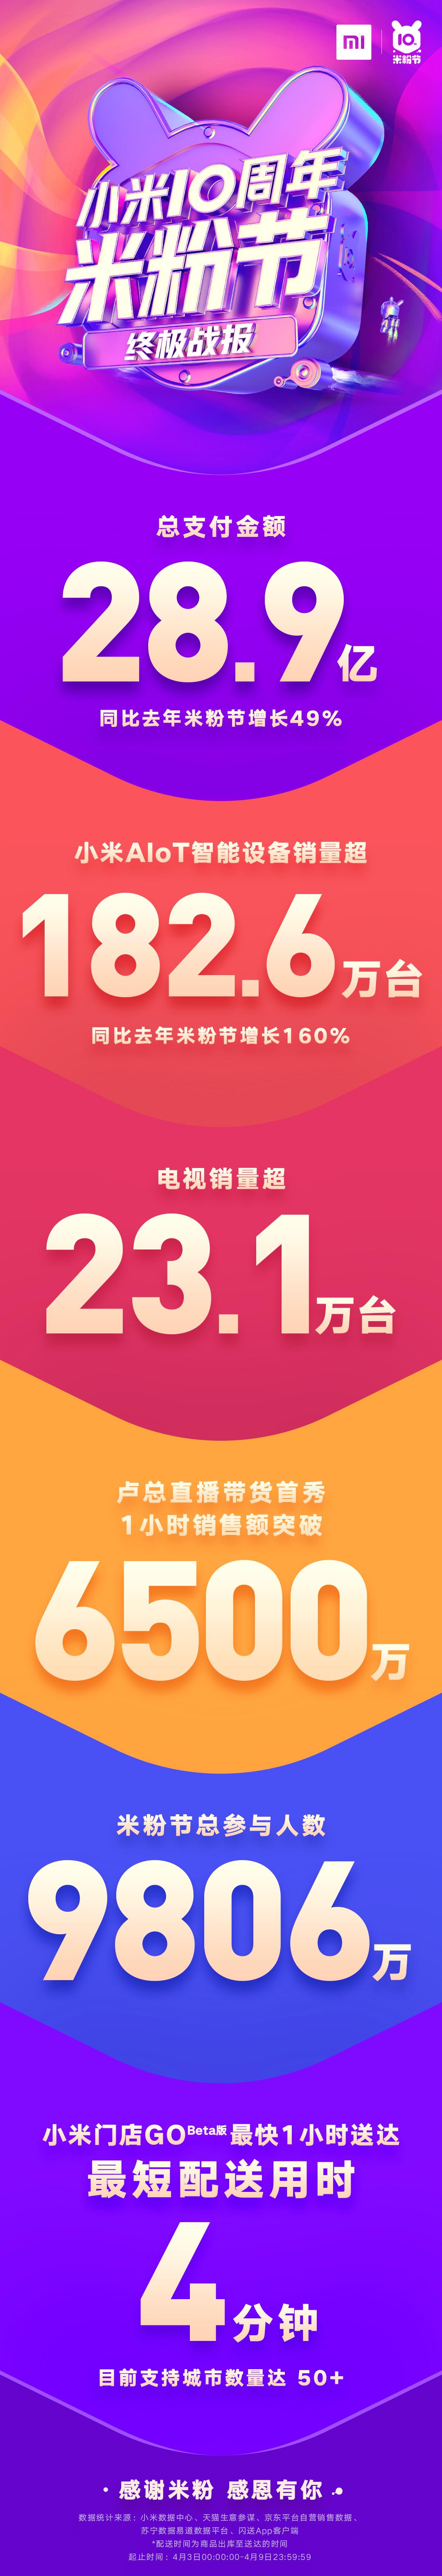 小米10周年米粉节总支付金额28.9亿,同比增长49%